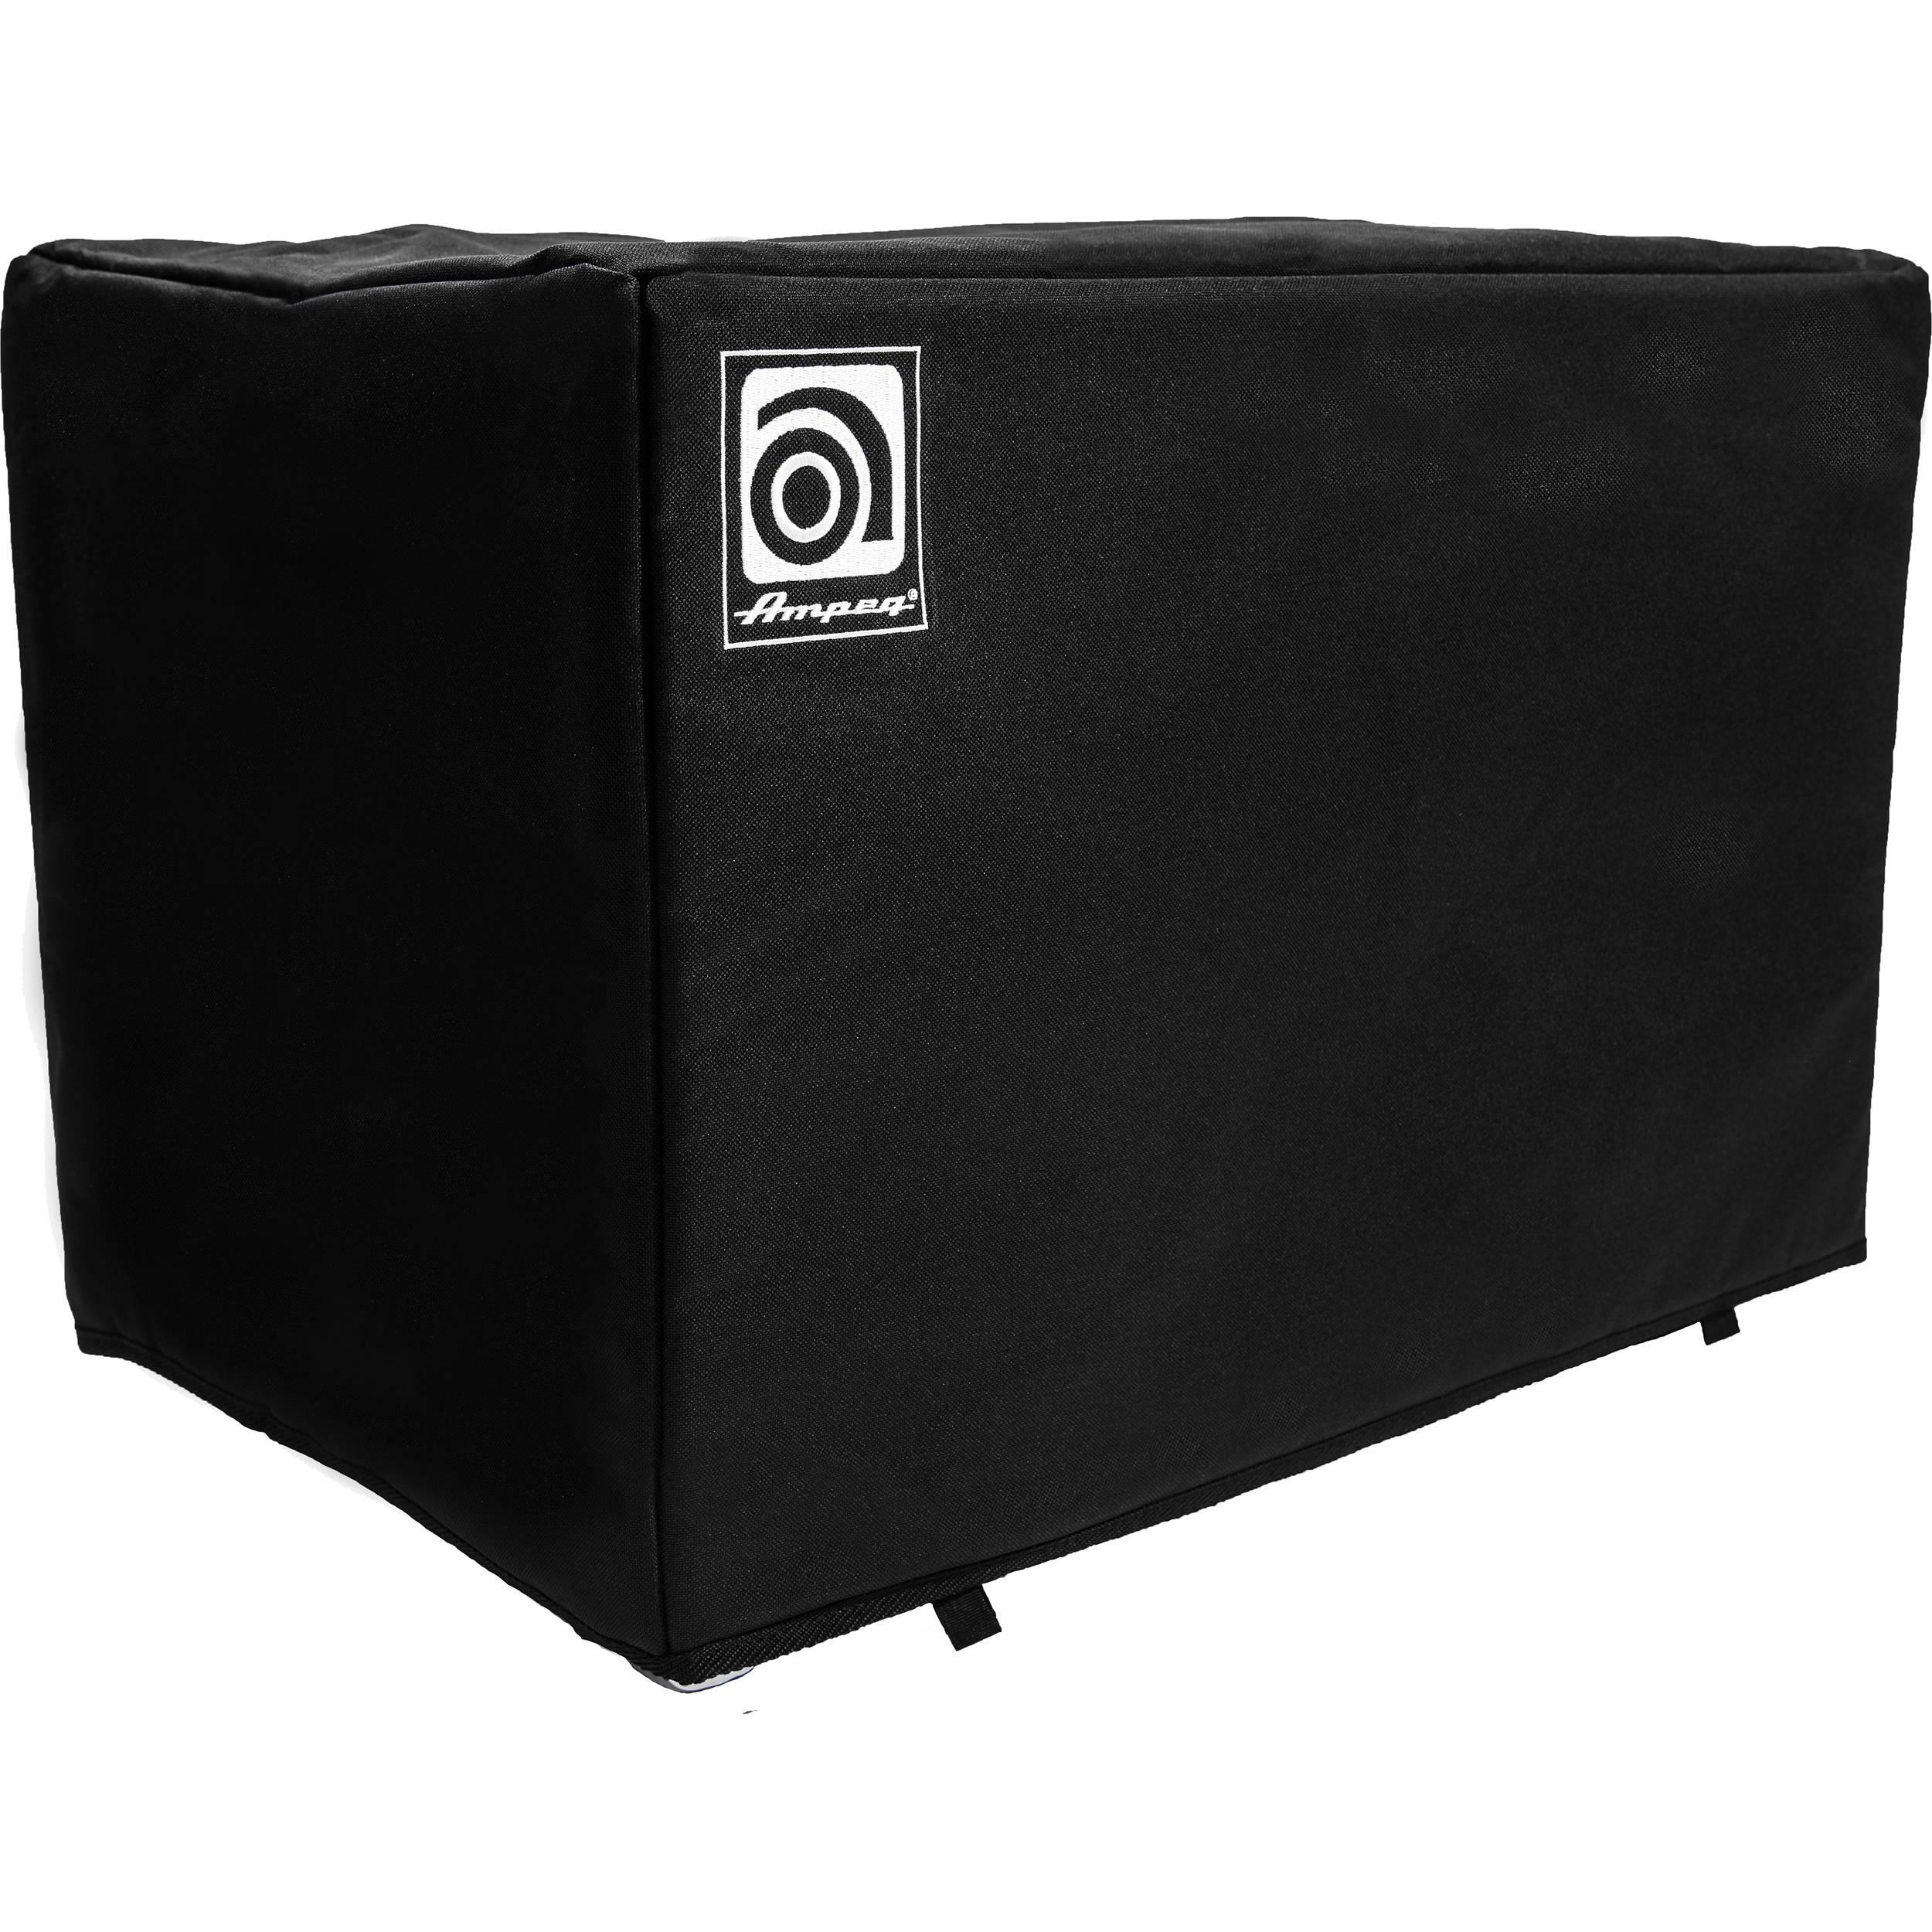 Ampeg Cover for SVT-212AV Speaker Cabinet SVT-212AV COVER B&H